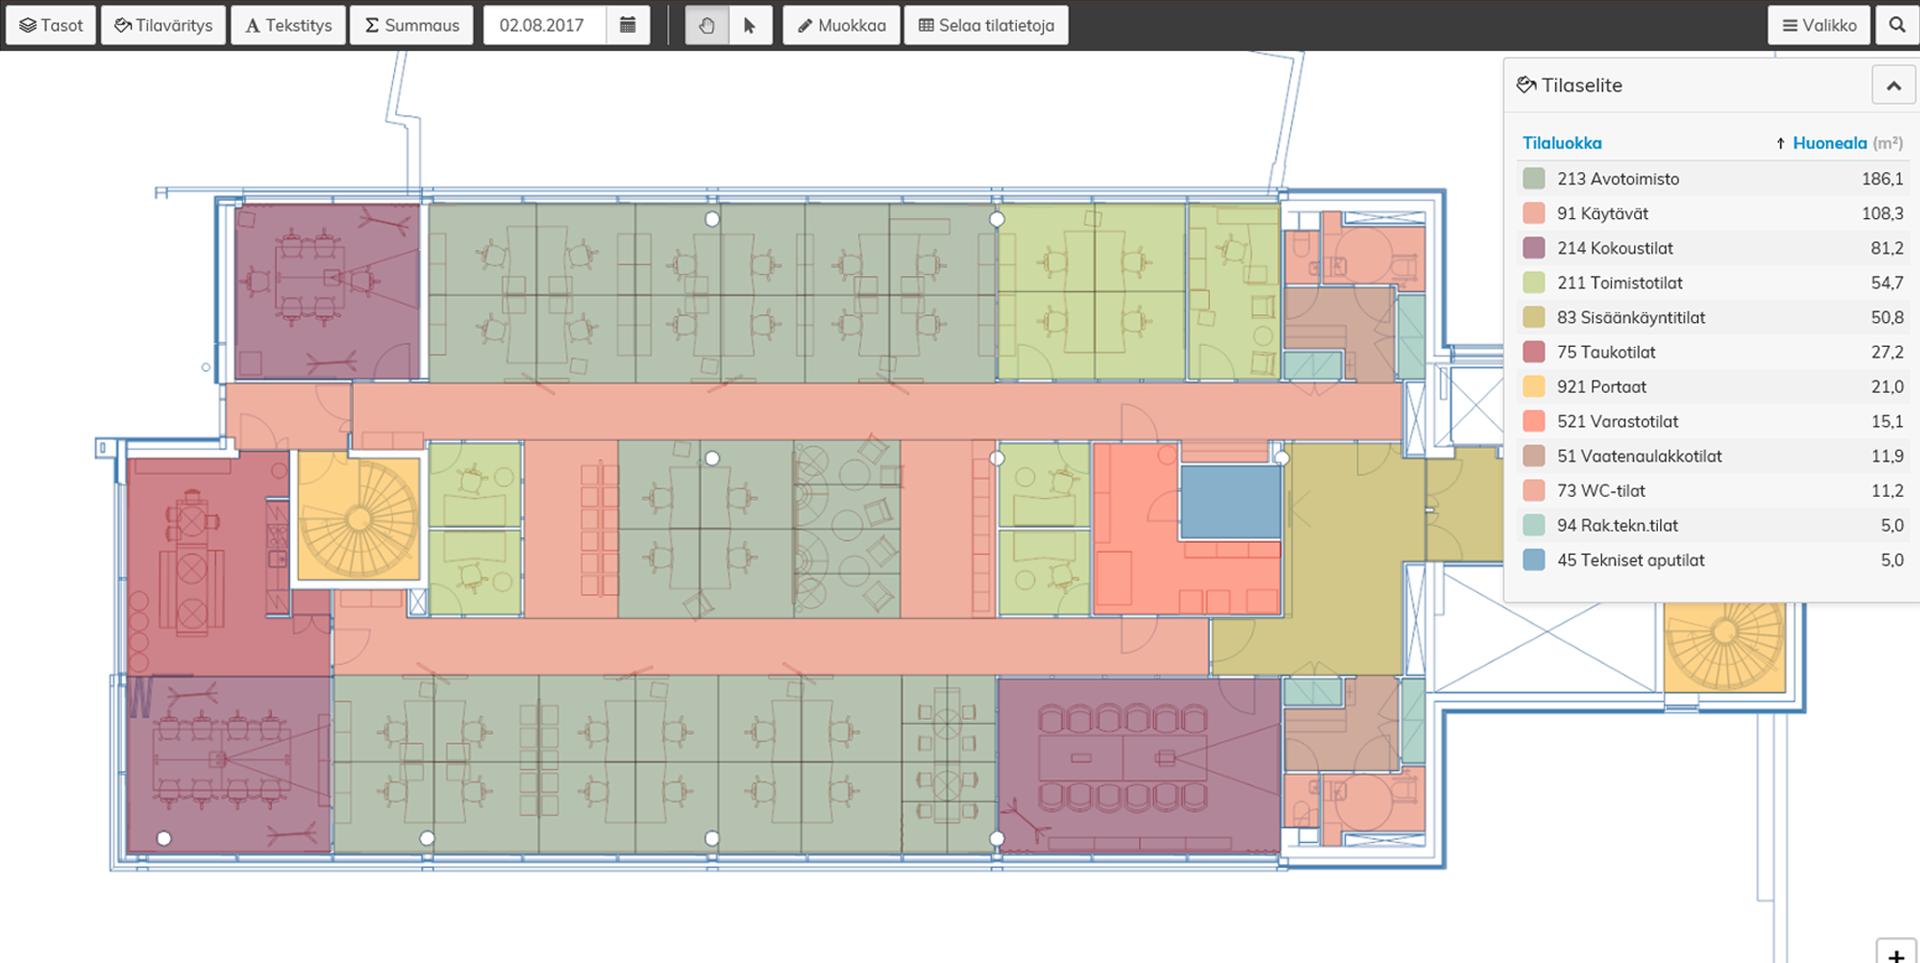 Optimaze-ohjelmistossa tilatietosi on ajan tasalla ja koottuna yhteen graafiseen järjestelmään.